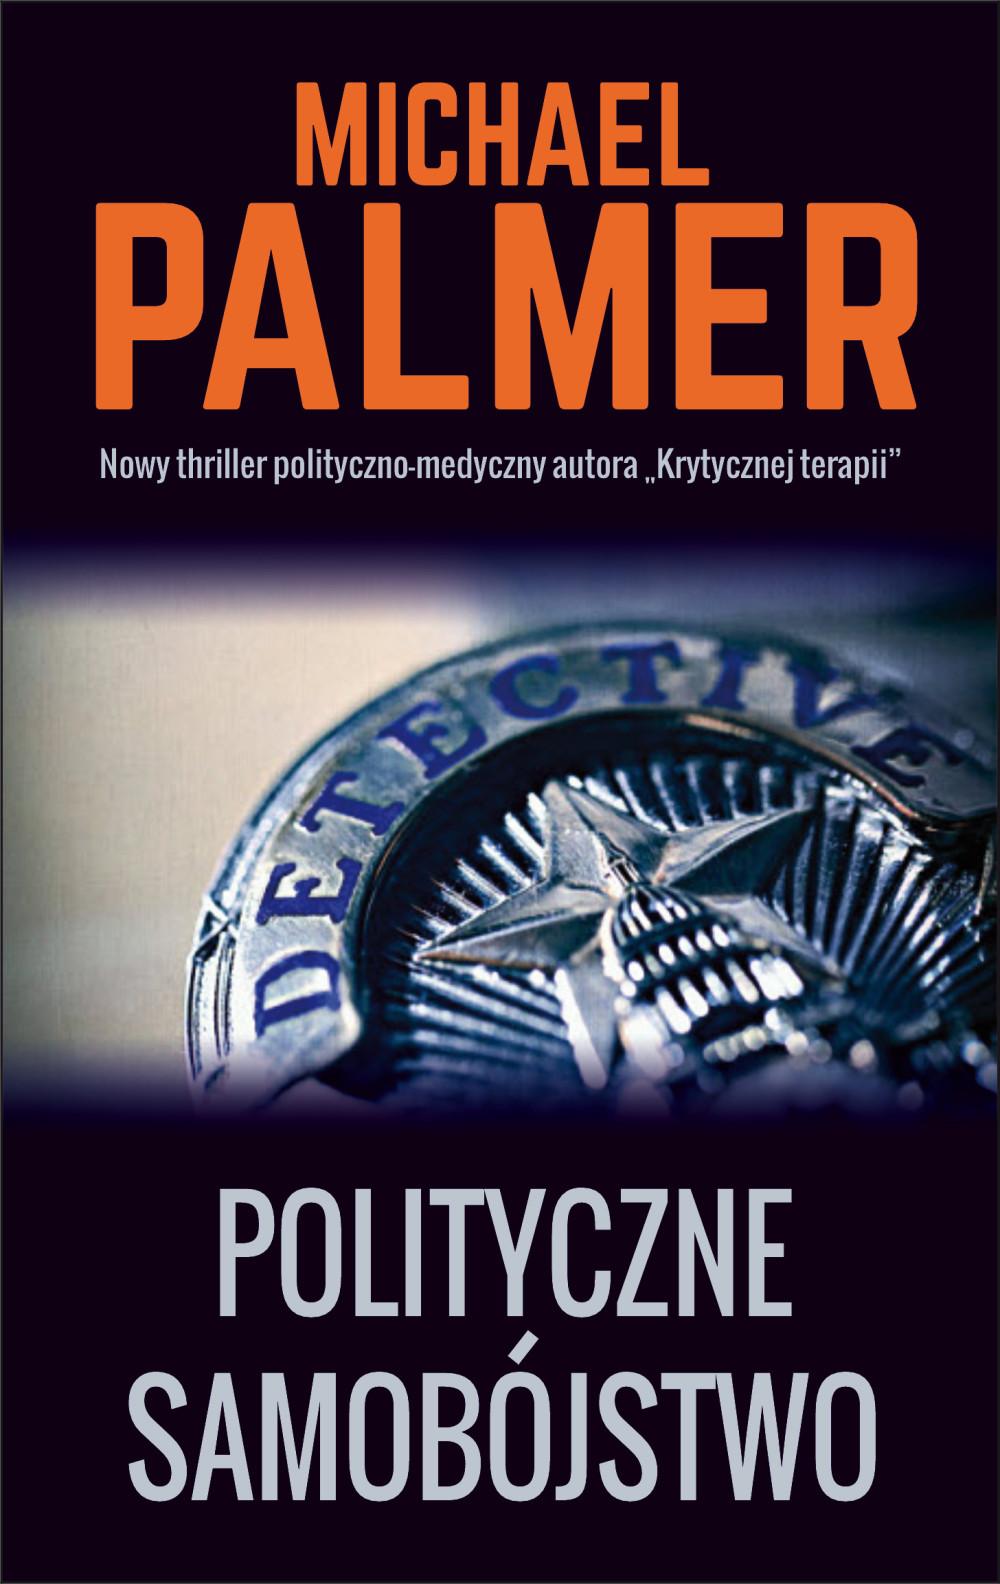 Polityczne samobójstwo - Autor: Michael Palmer